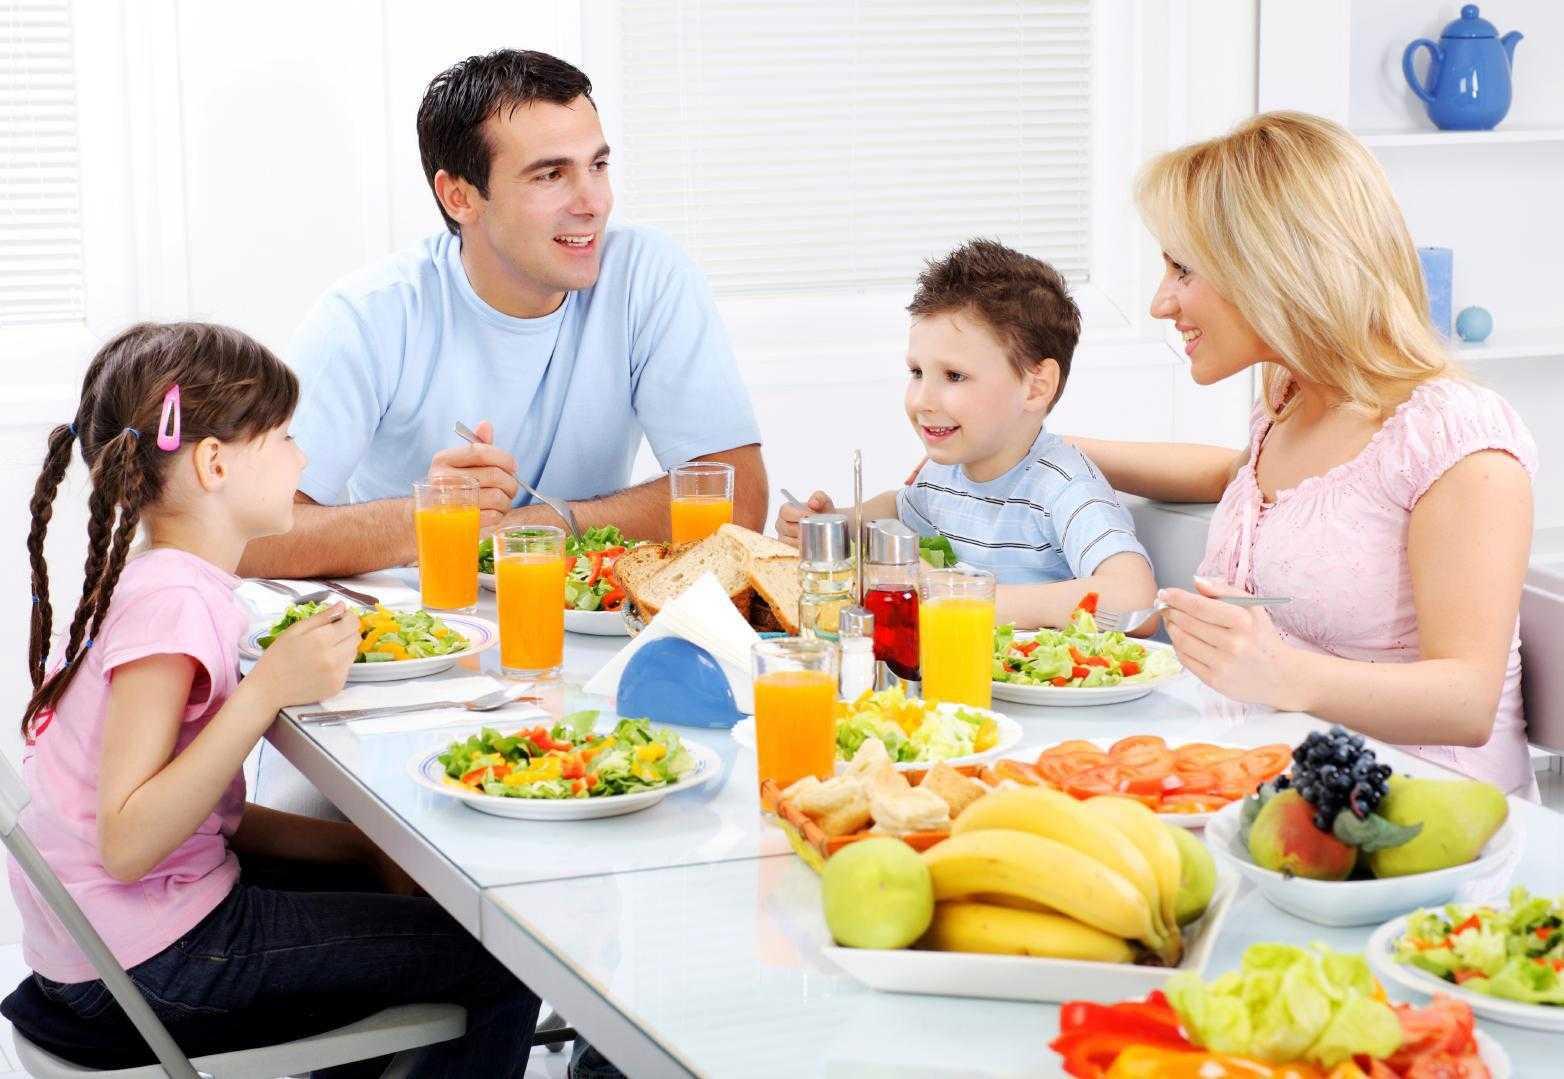 Как разнообразить питание для всей семьи Рецепты необычных блюд для всей семьи, которые помогут вам питаться сбалансированно Плюсы диеты с правильным питанием